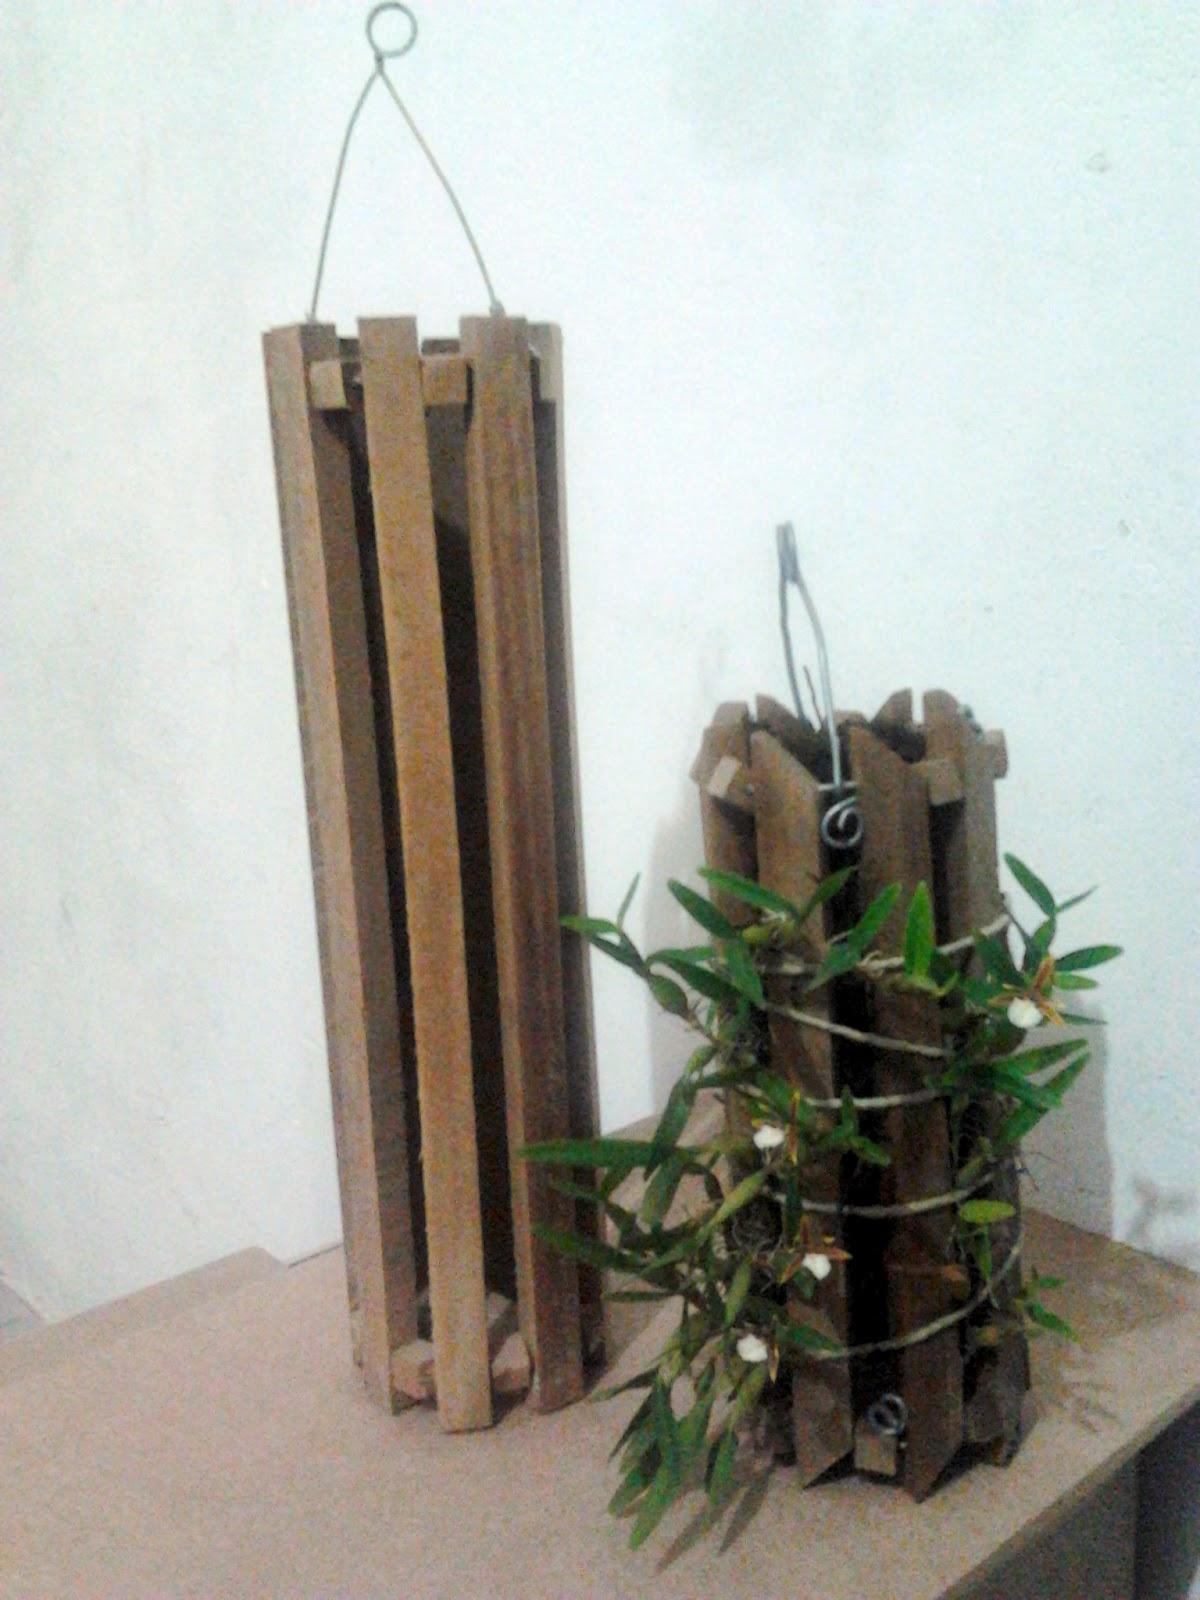 #406034 GNC21 Canudos ideal substituto de troncos de madeira 1200x1600 px caixas de madeira para orquideas @ bernauer.info Móveis Antigos Novos E Usados Online